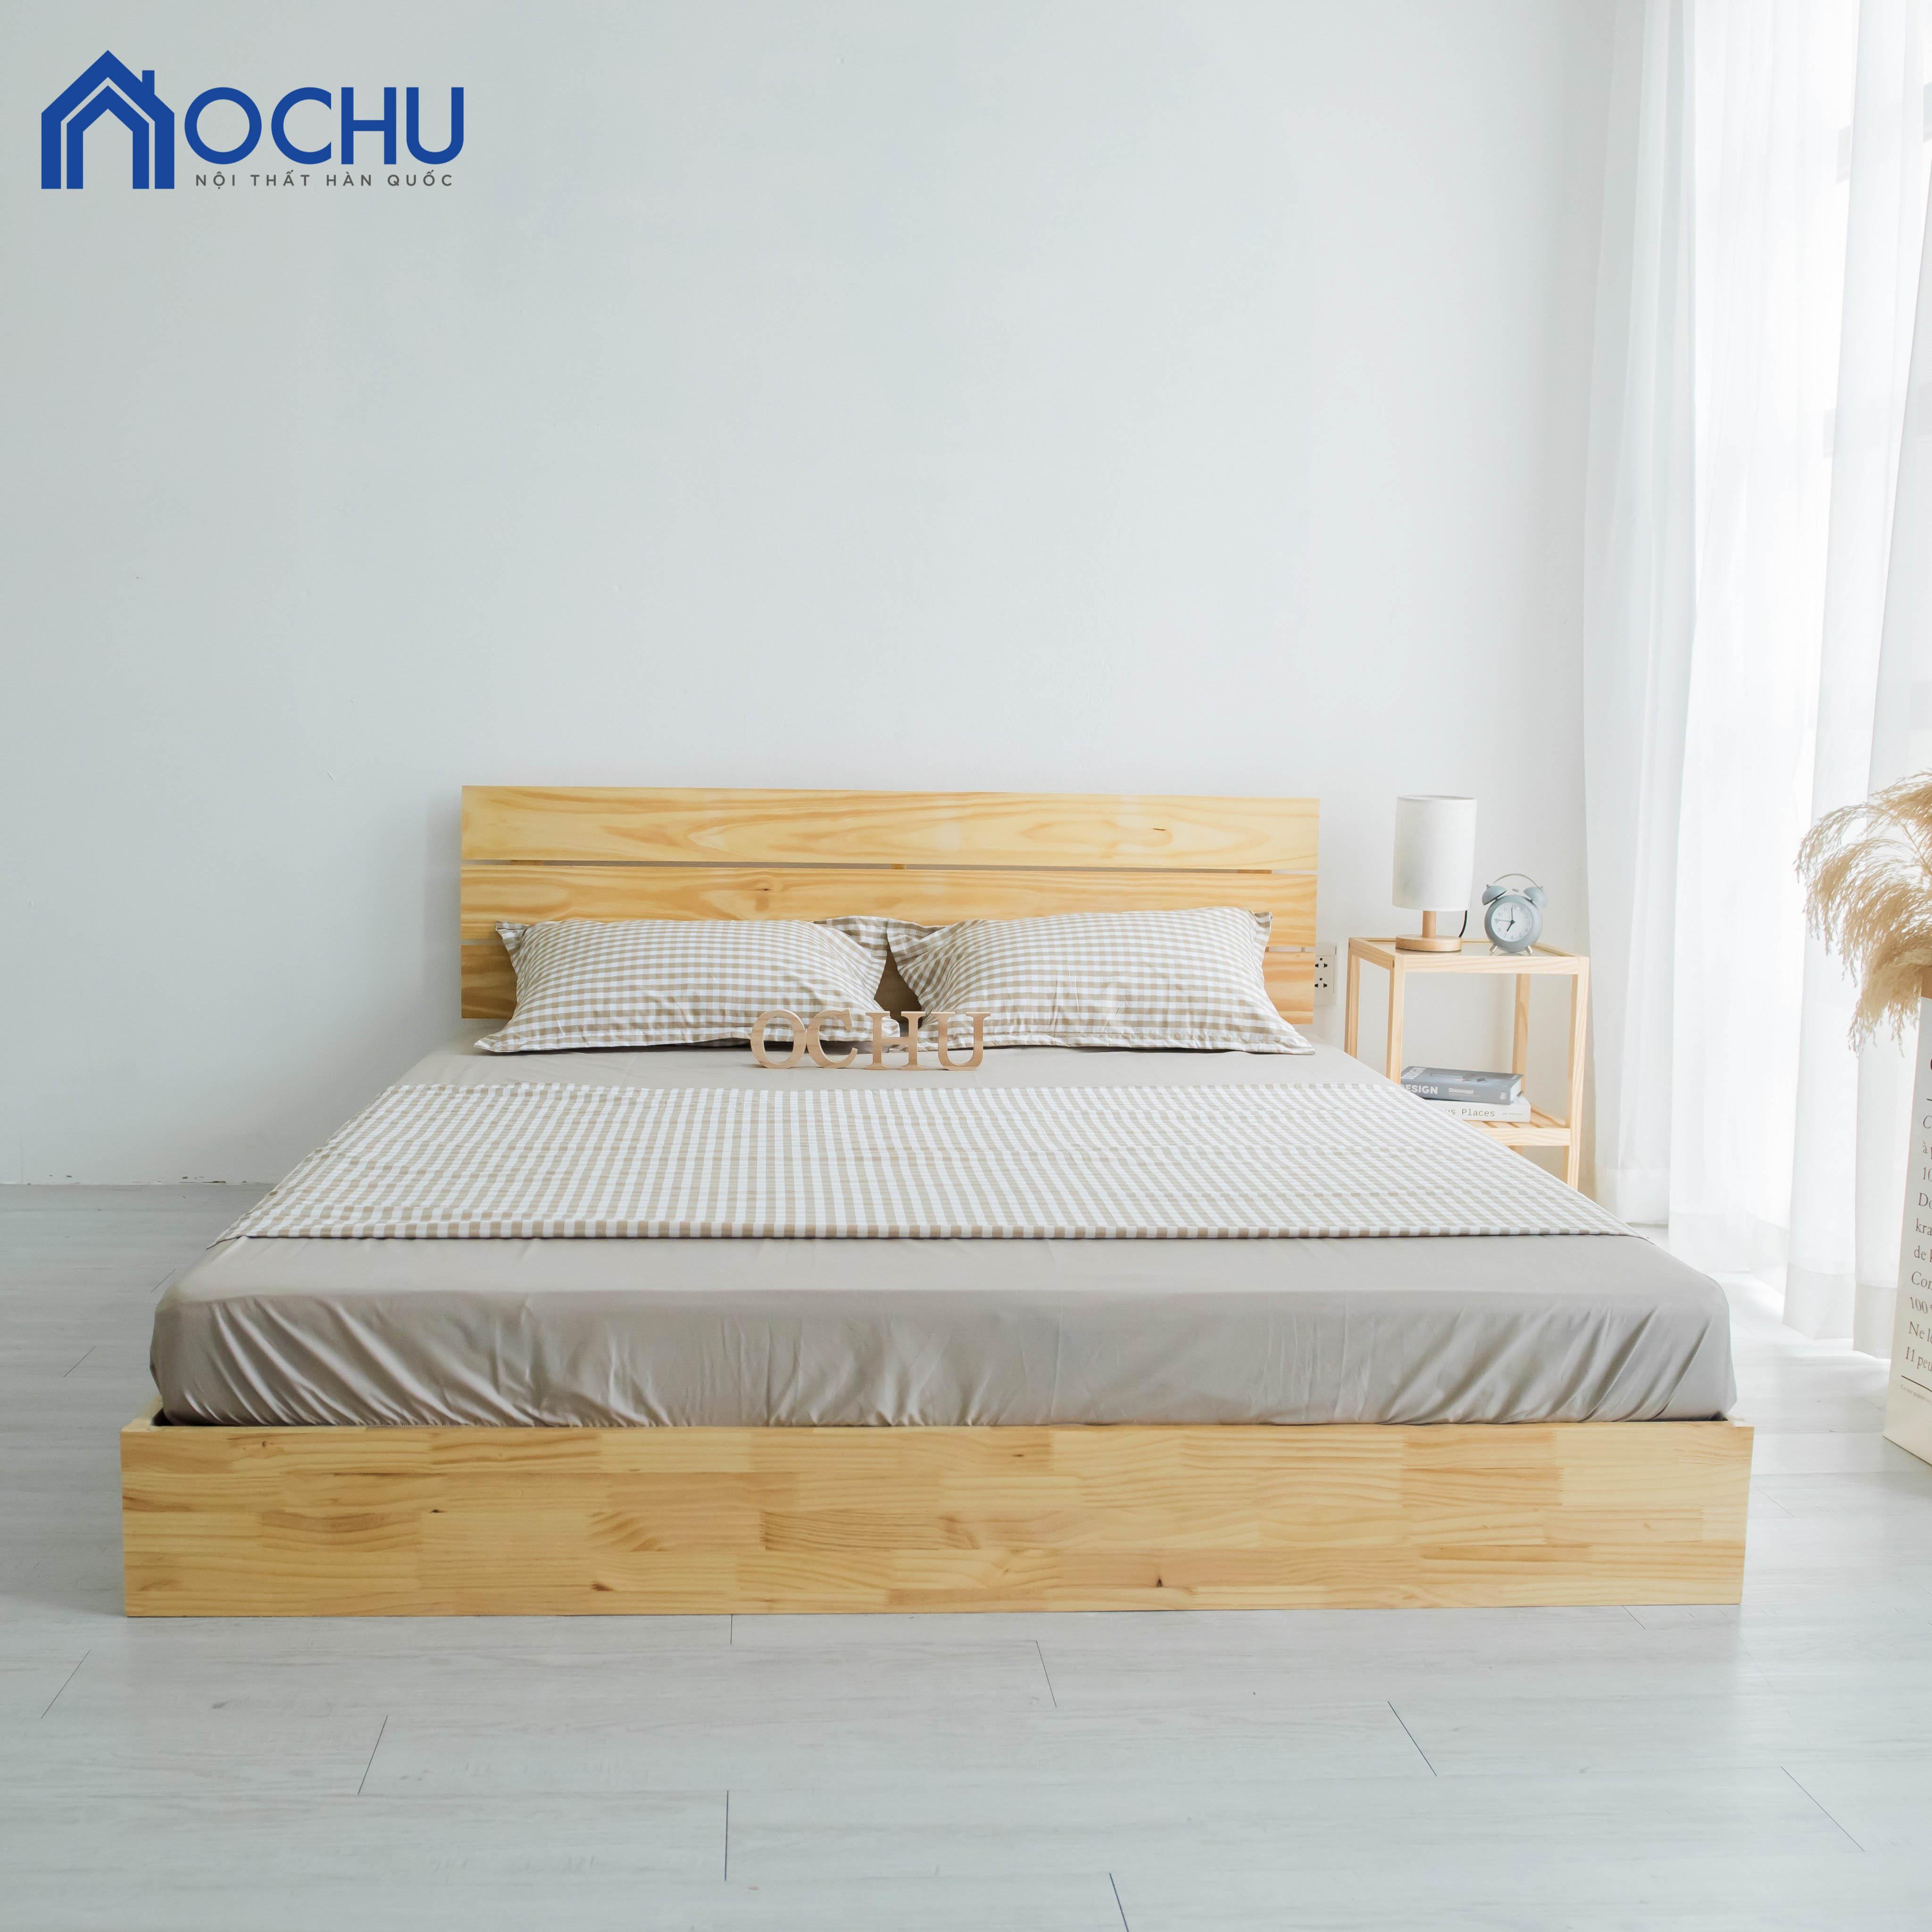 Giường Ngủ Gỗ Thông OCHU - Winnie Bed - Natural